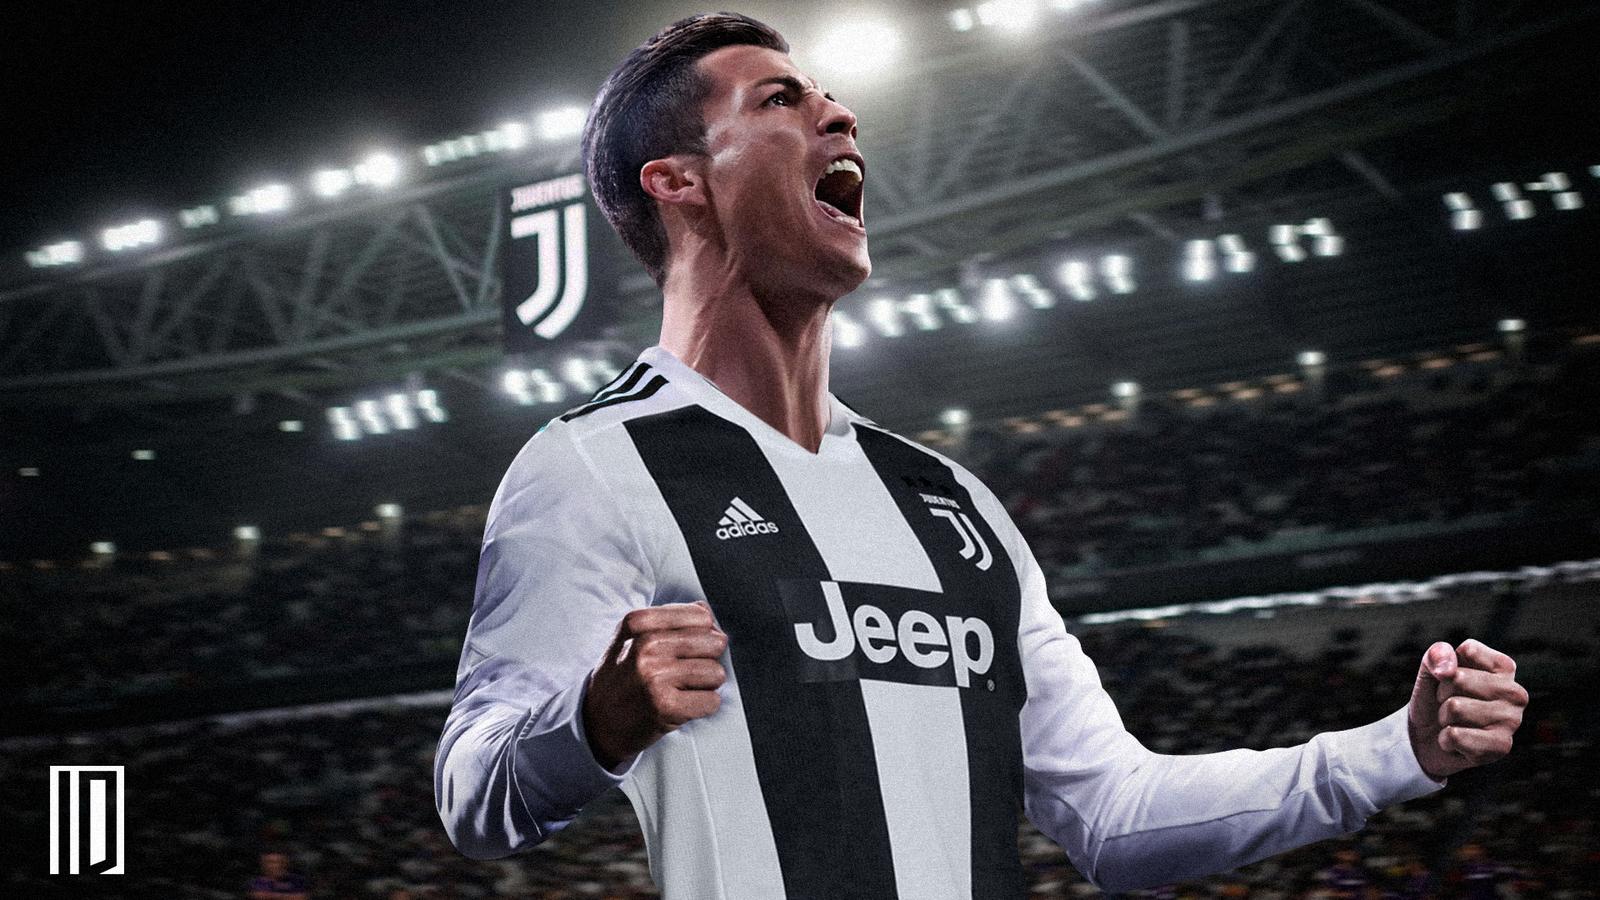 Bà đầm già thành Turin thế lực mới của bóng đá 2021 - Phần 1